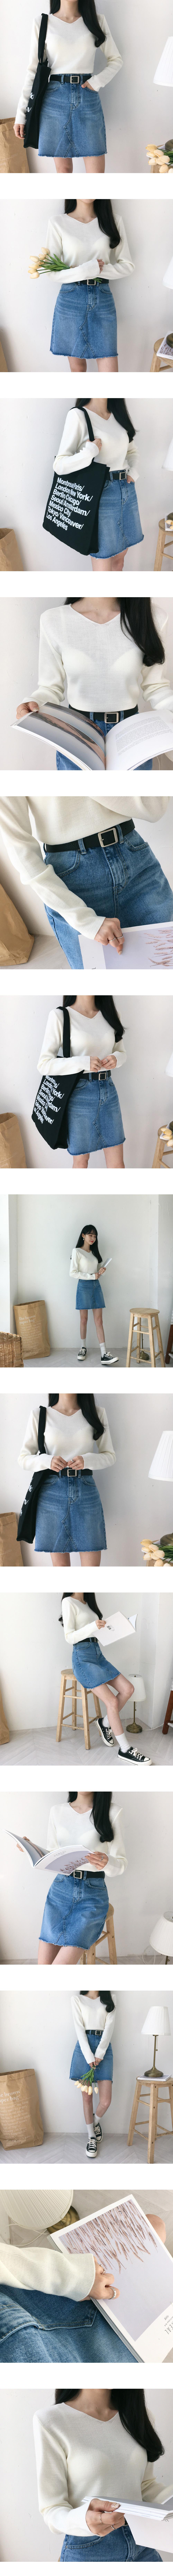 Double denim skirt